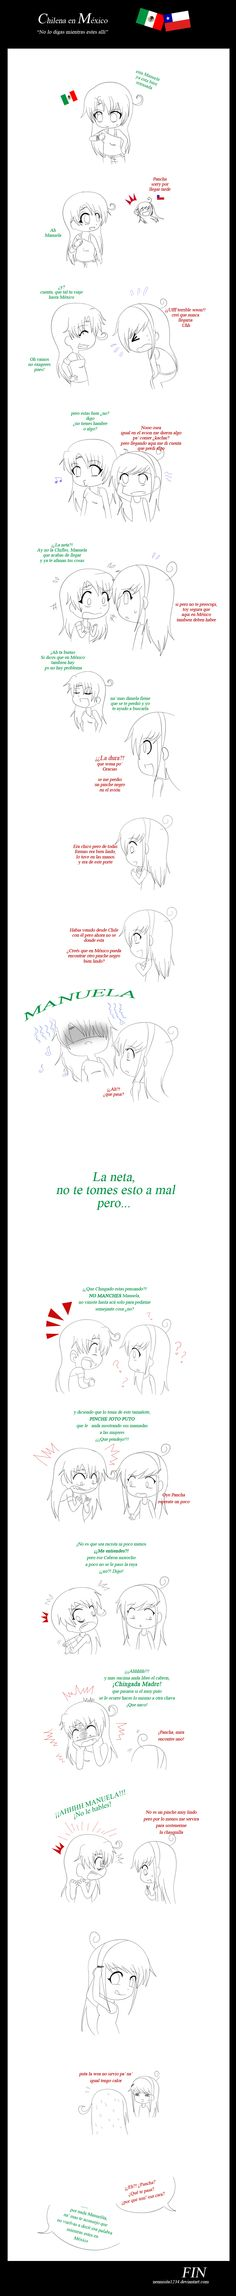 HTMR: no lo digas en Mexico by nenychan123.deviantart.com on @deviantART